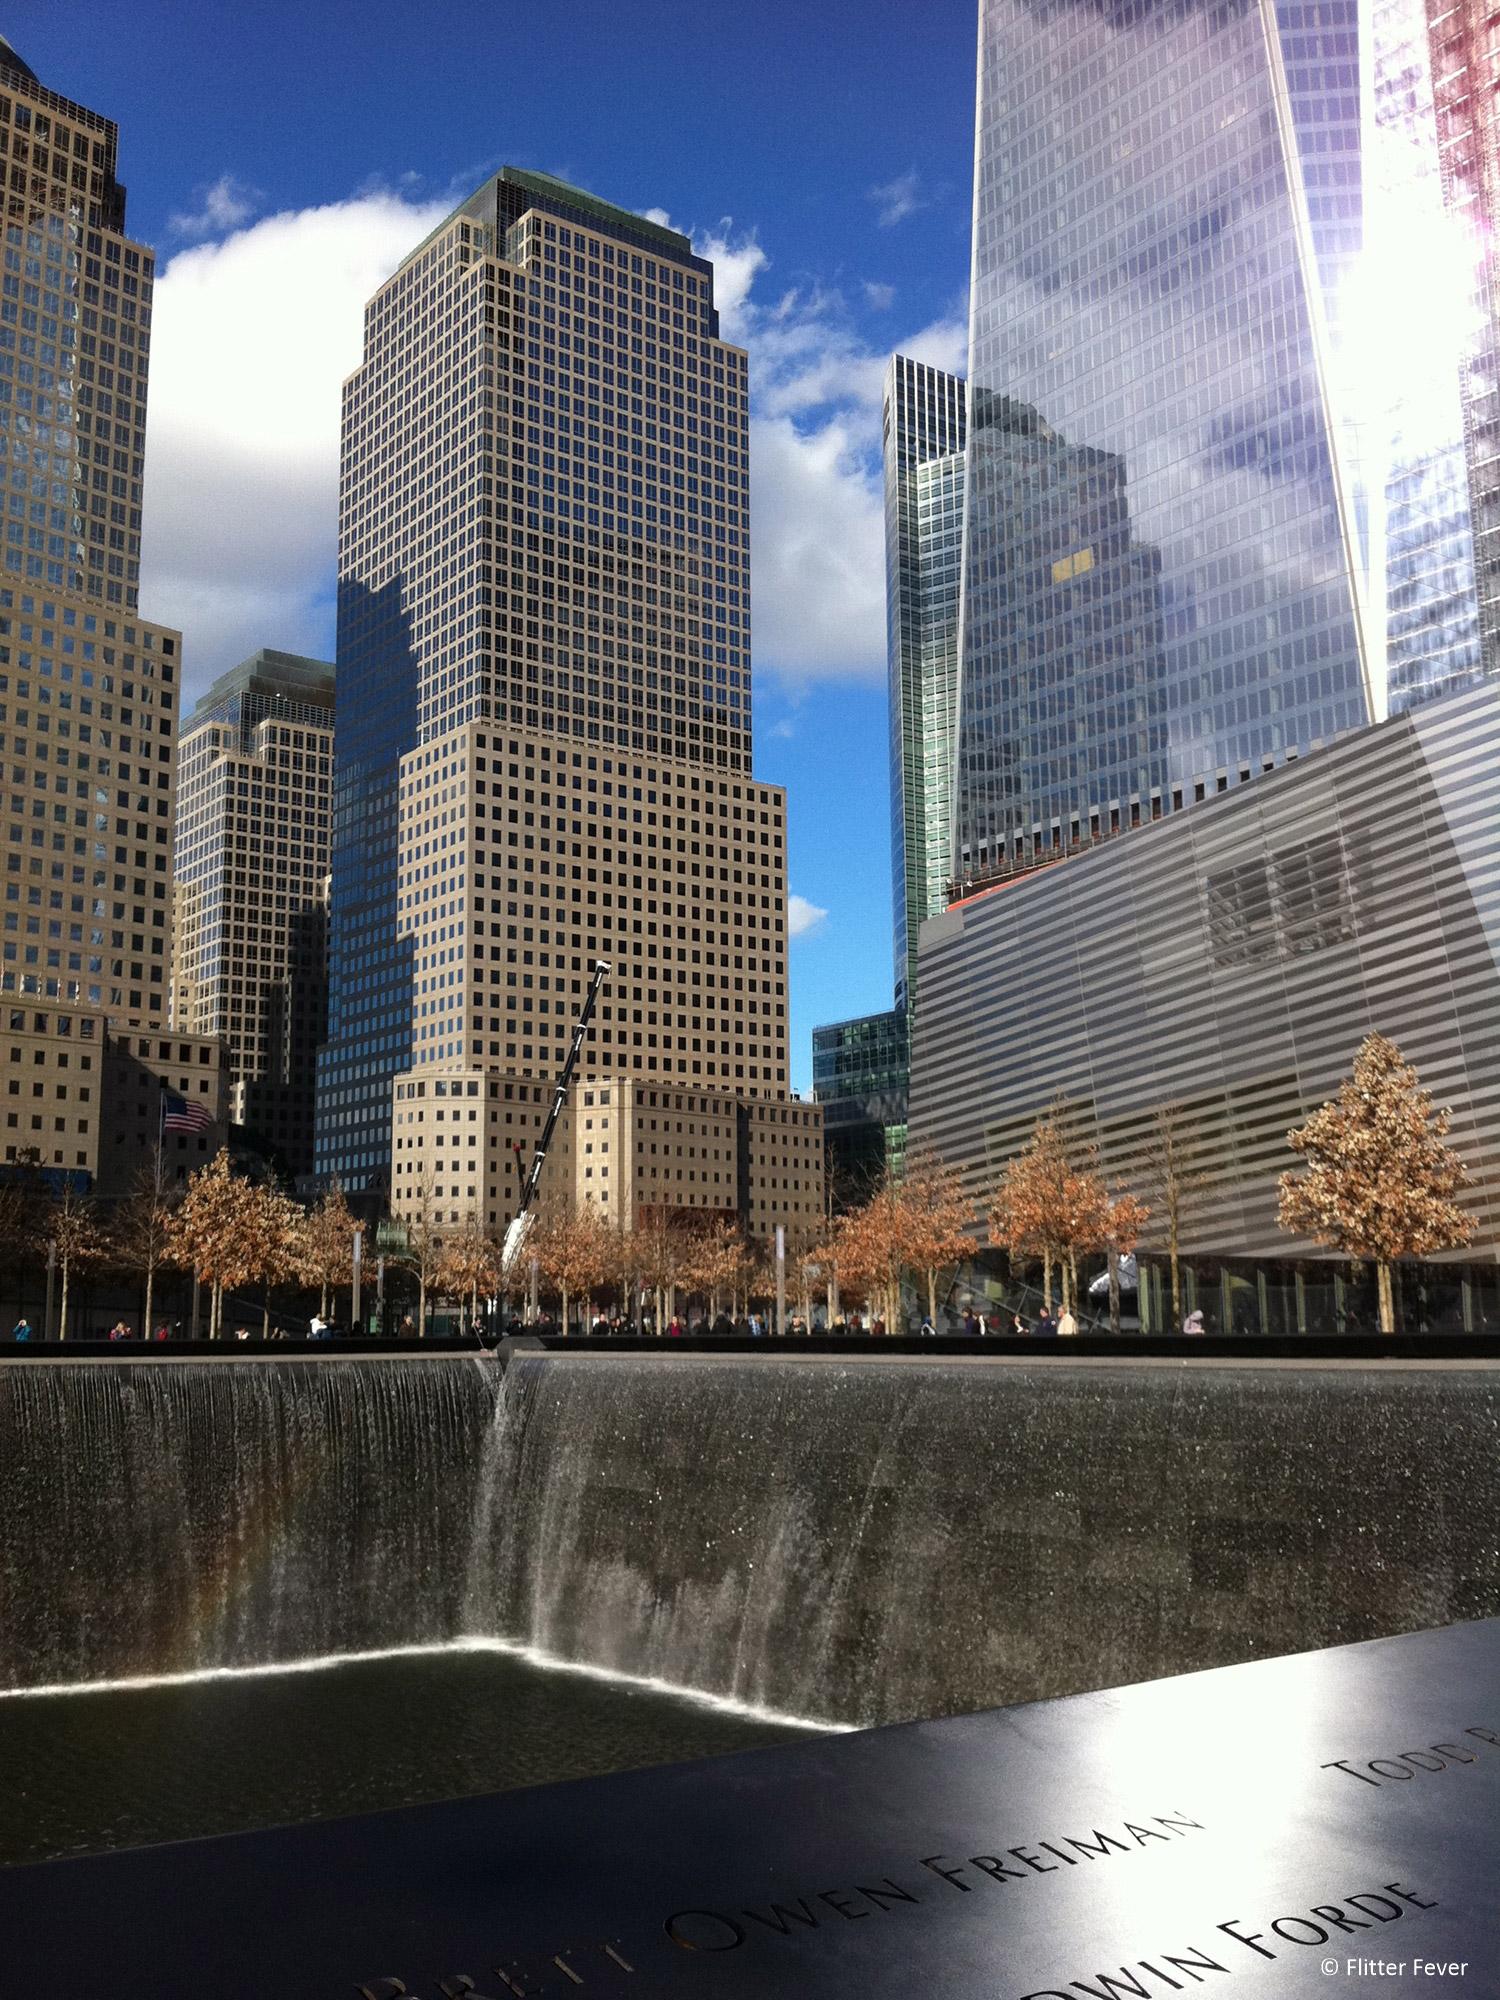 Flitter Fever - Ground Zero in New York